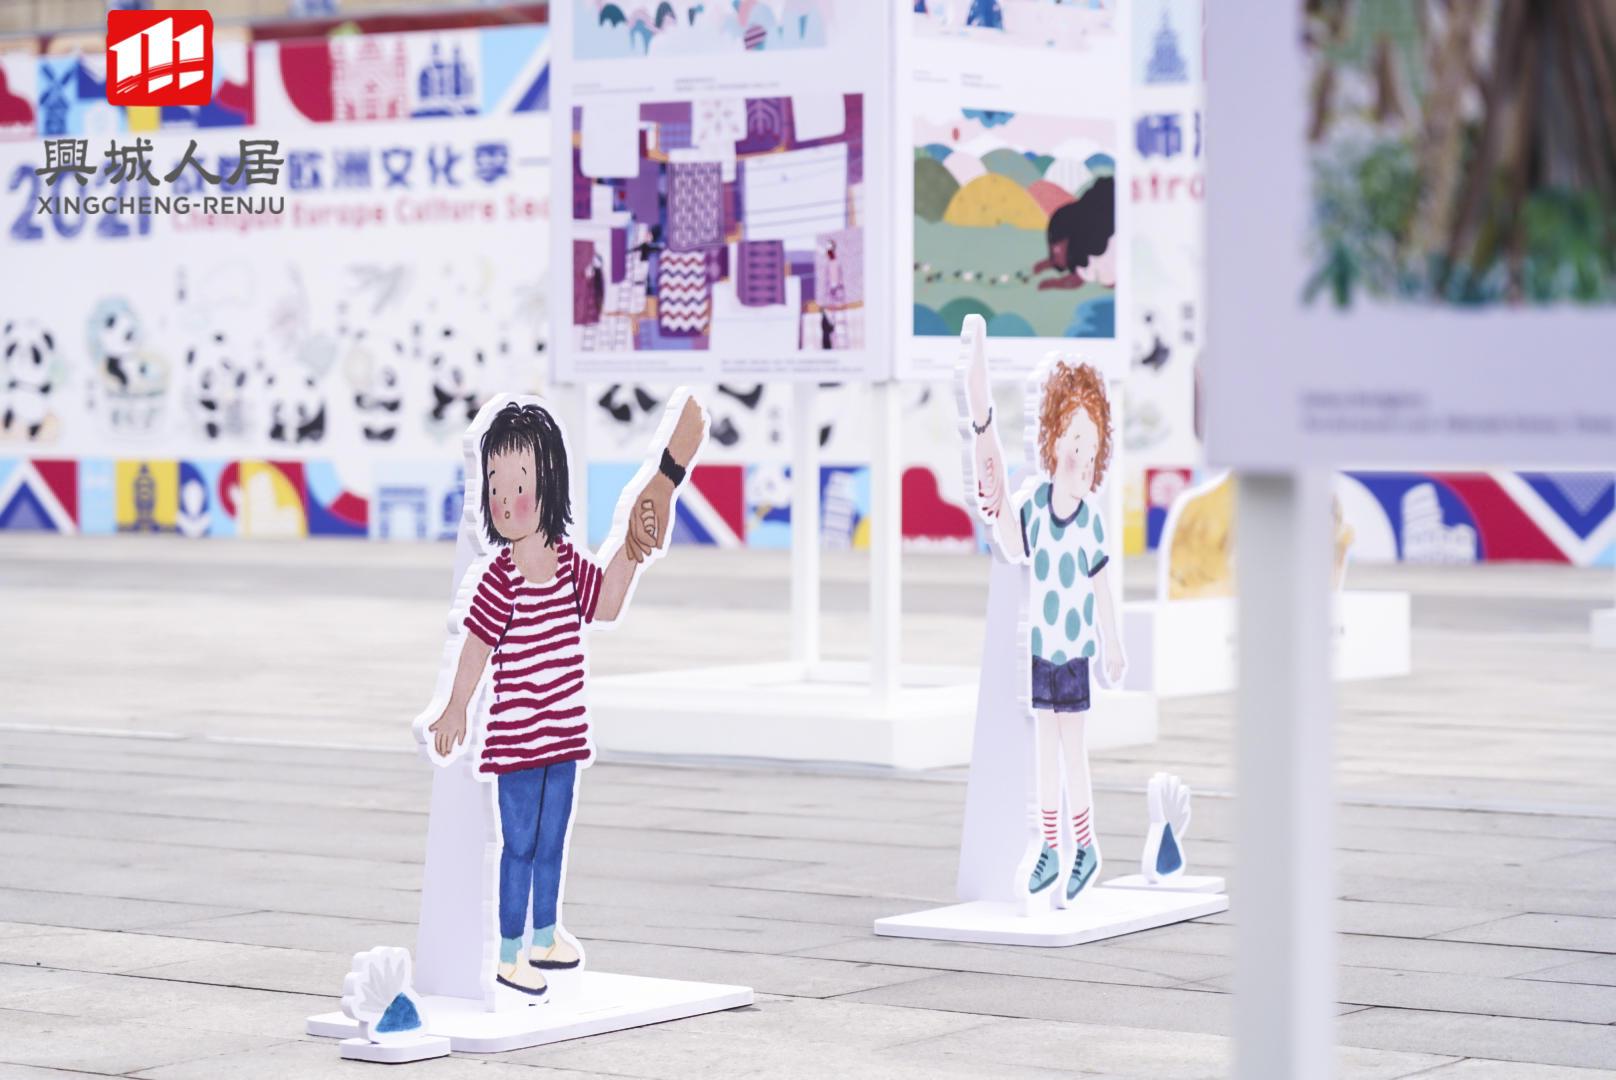 洋盘生活节活动策划以熊猫元素为氛围营造载体,创新规划三大主题内容